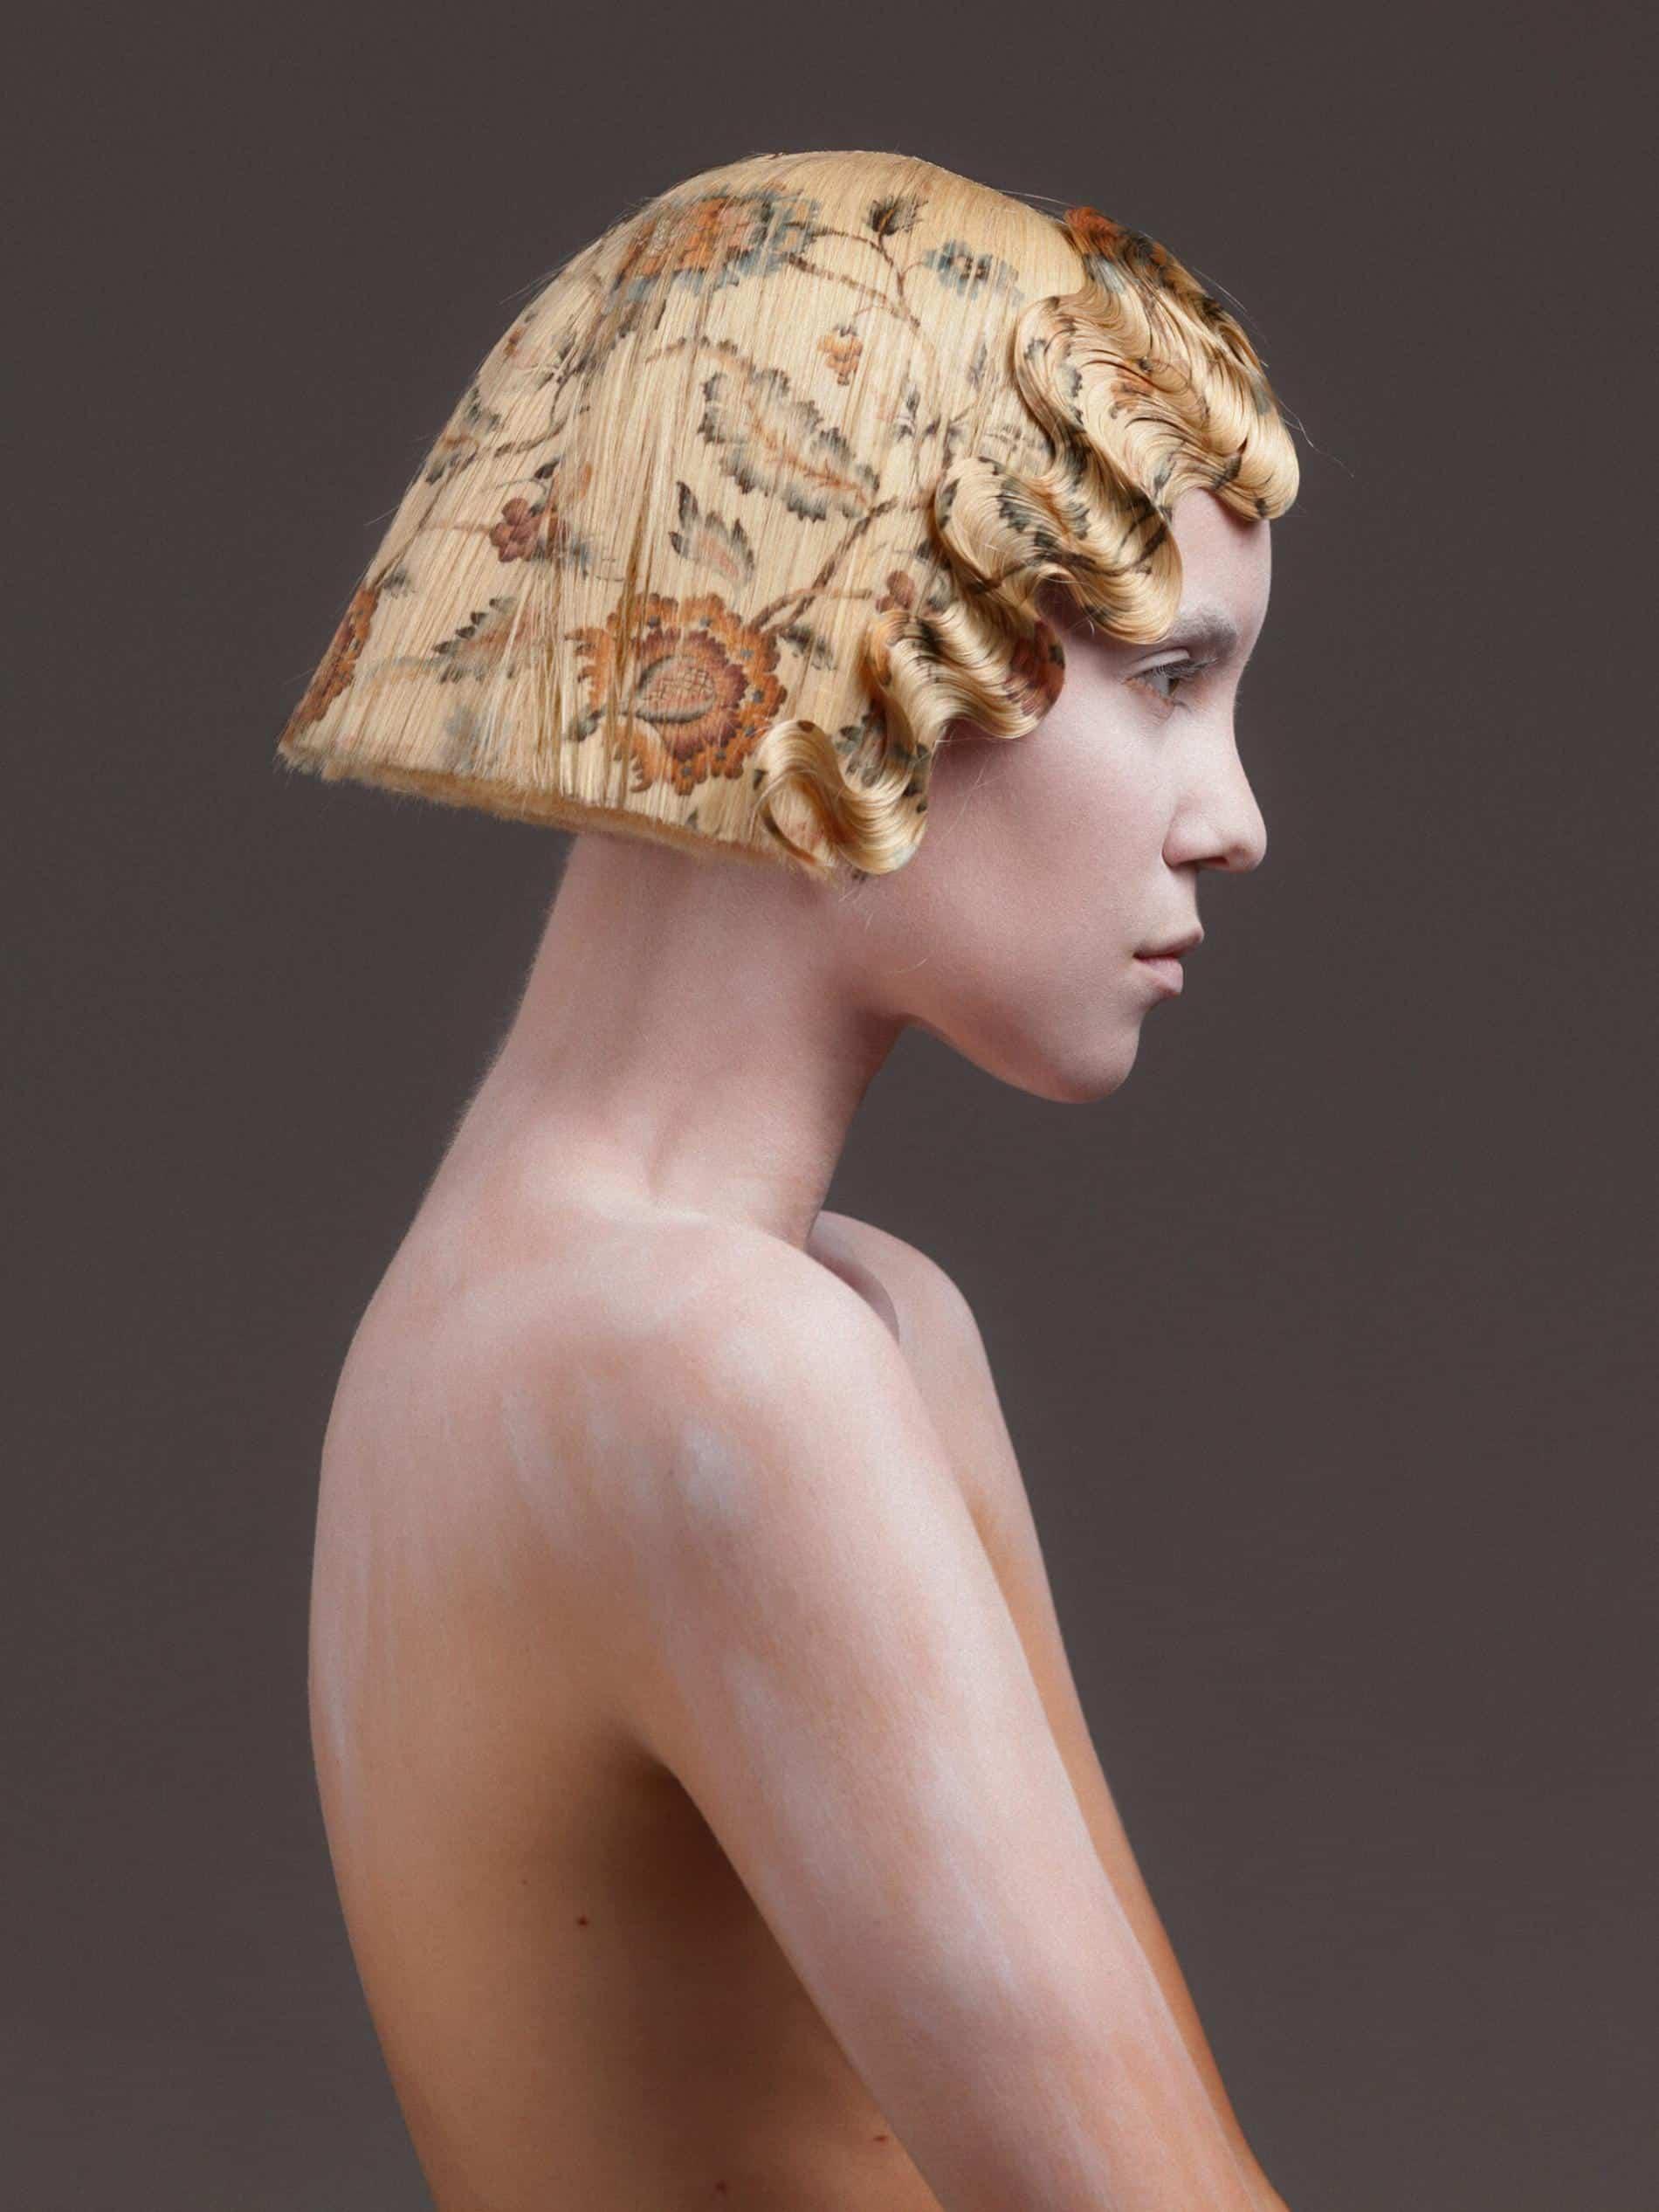 alexis ferrer impresion digital peinados